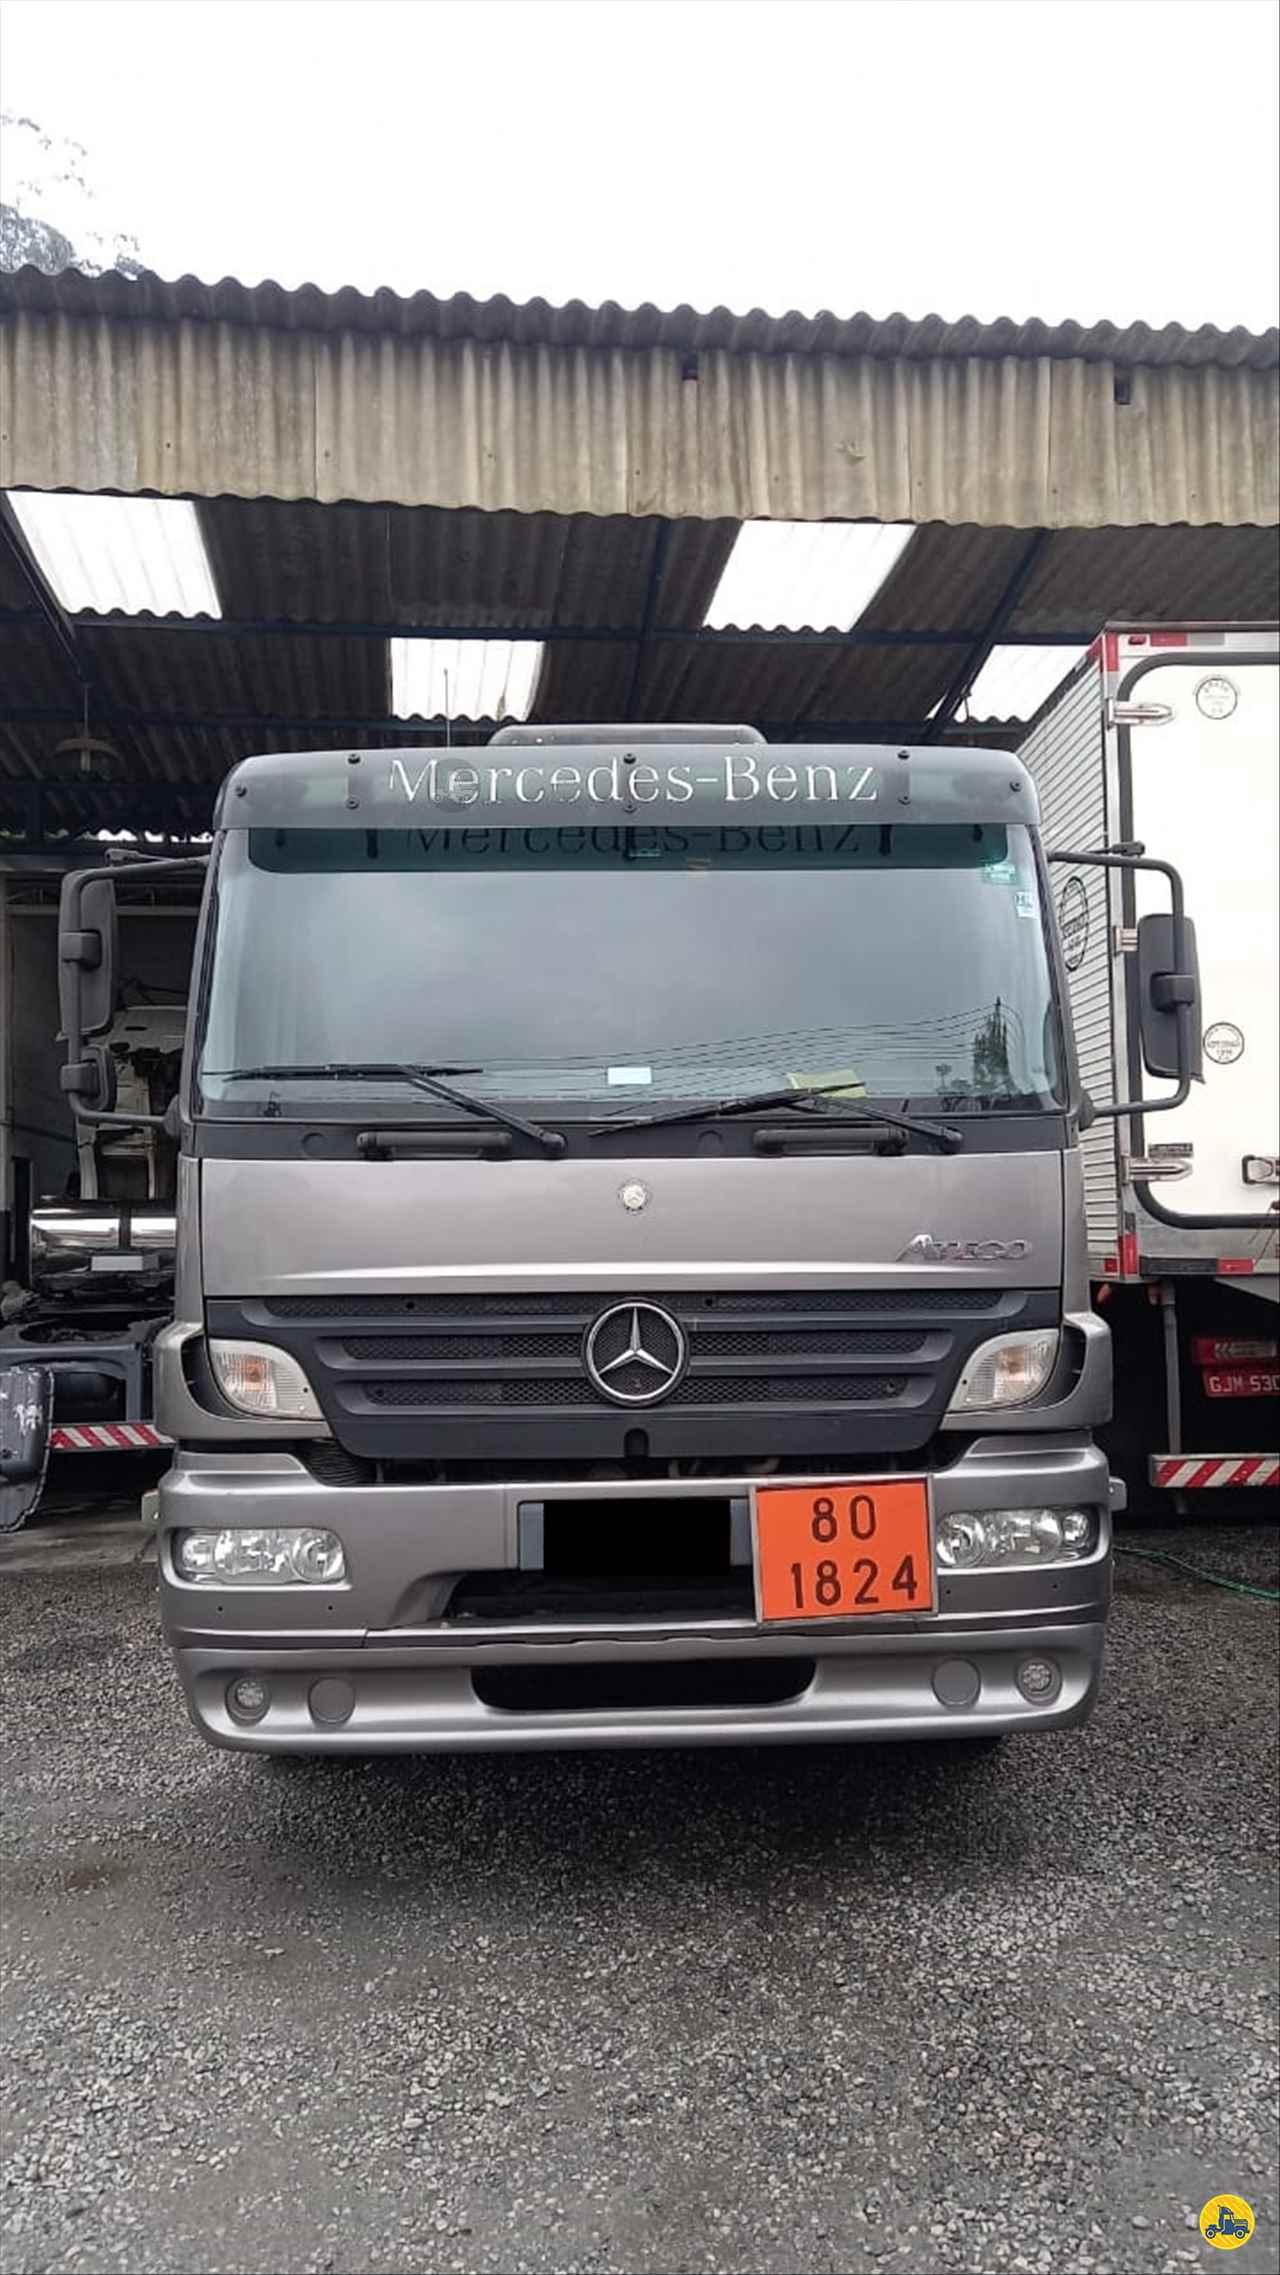 CAMINHAO MERCEDES-BENZ MB 2544 Chassis Truck 6x2 Wilson Caminhões RIBEIRAO PIRES SÃO PAULO SP